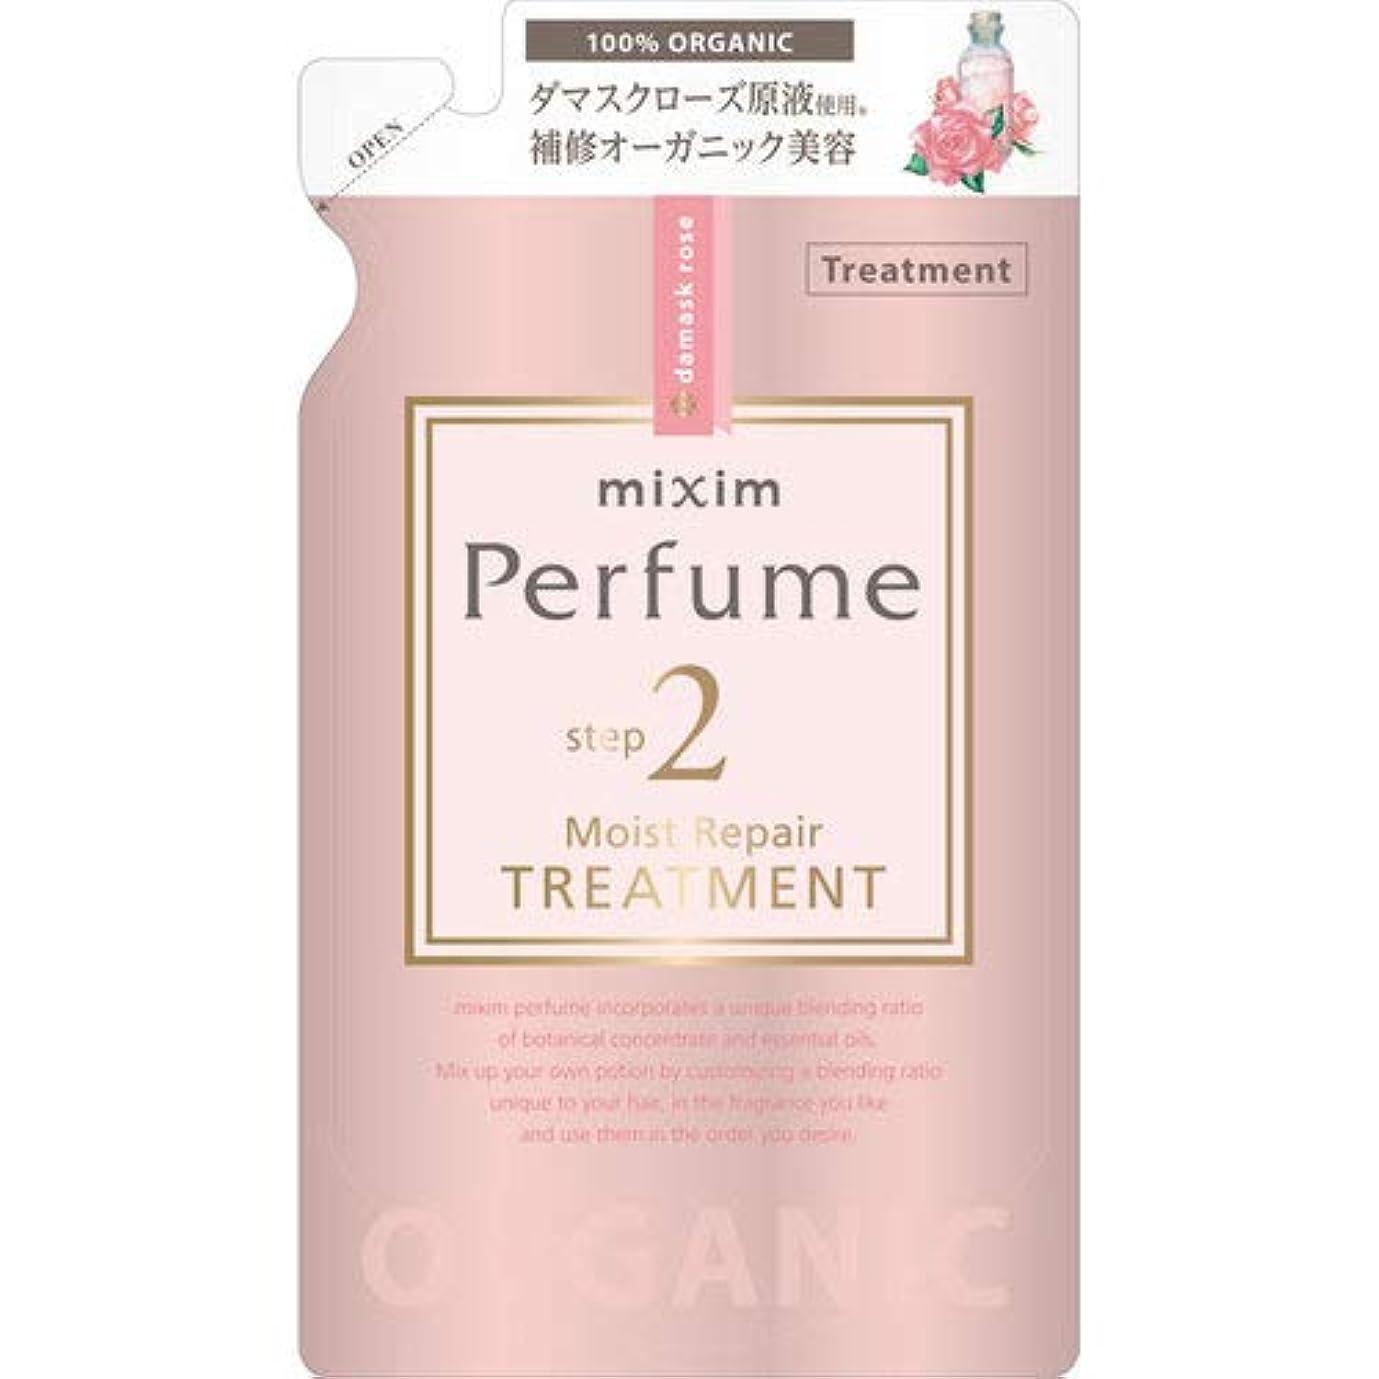 無臭欠員を必要としていますmixim Perfume(ミクシムパフューム) モイストリペア ヘアトリートメントつめかえ用 350g